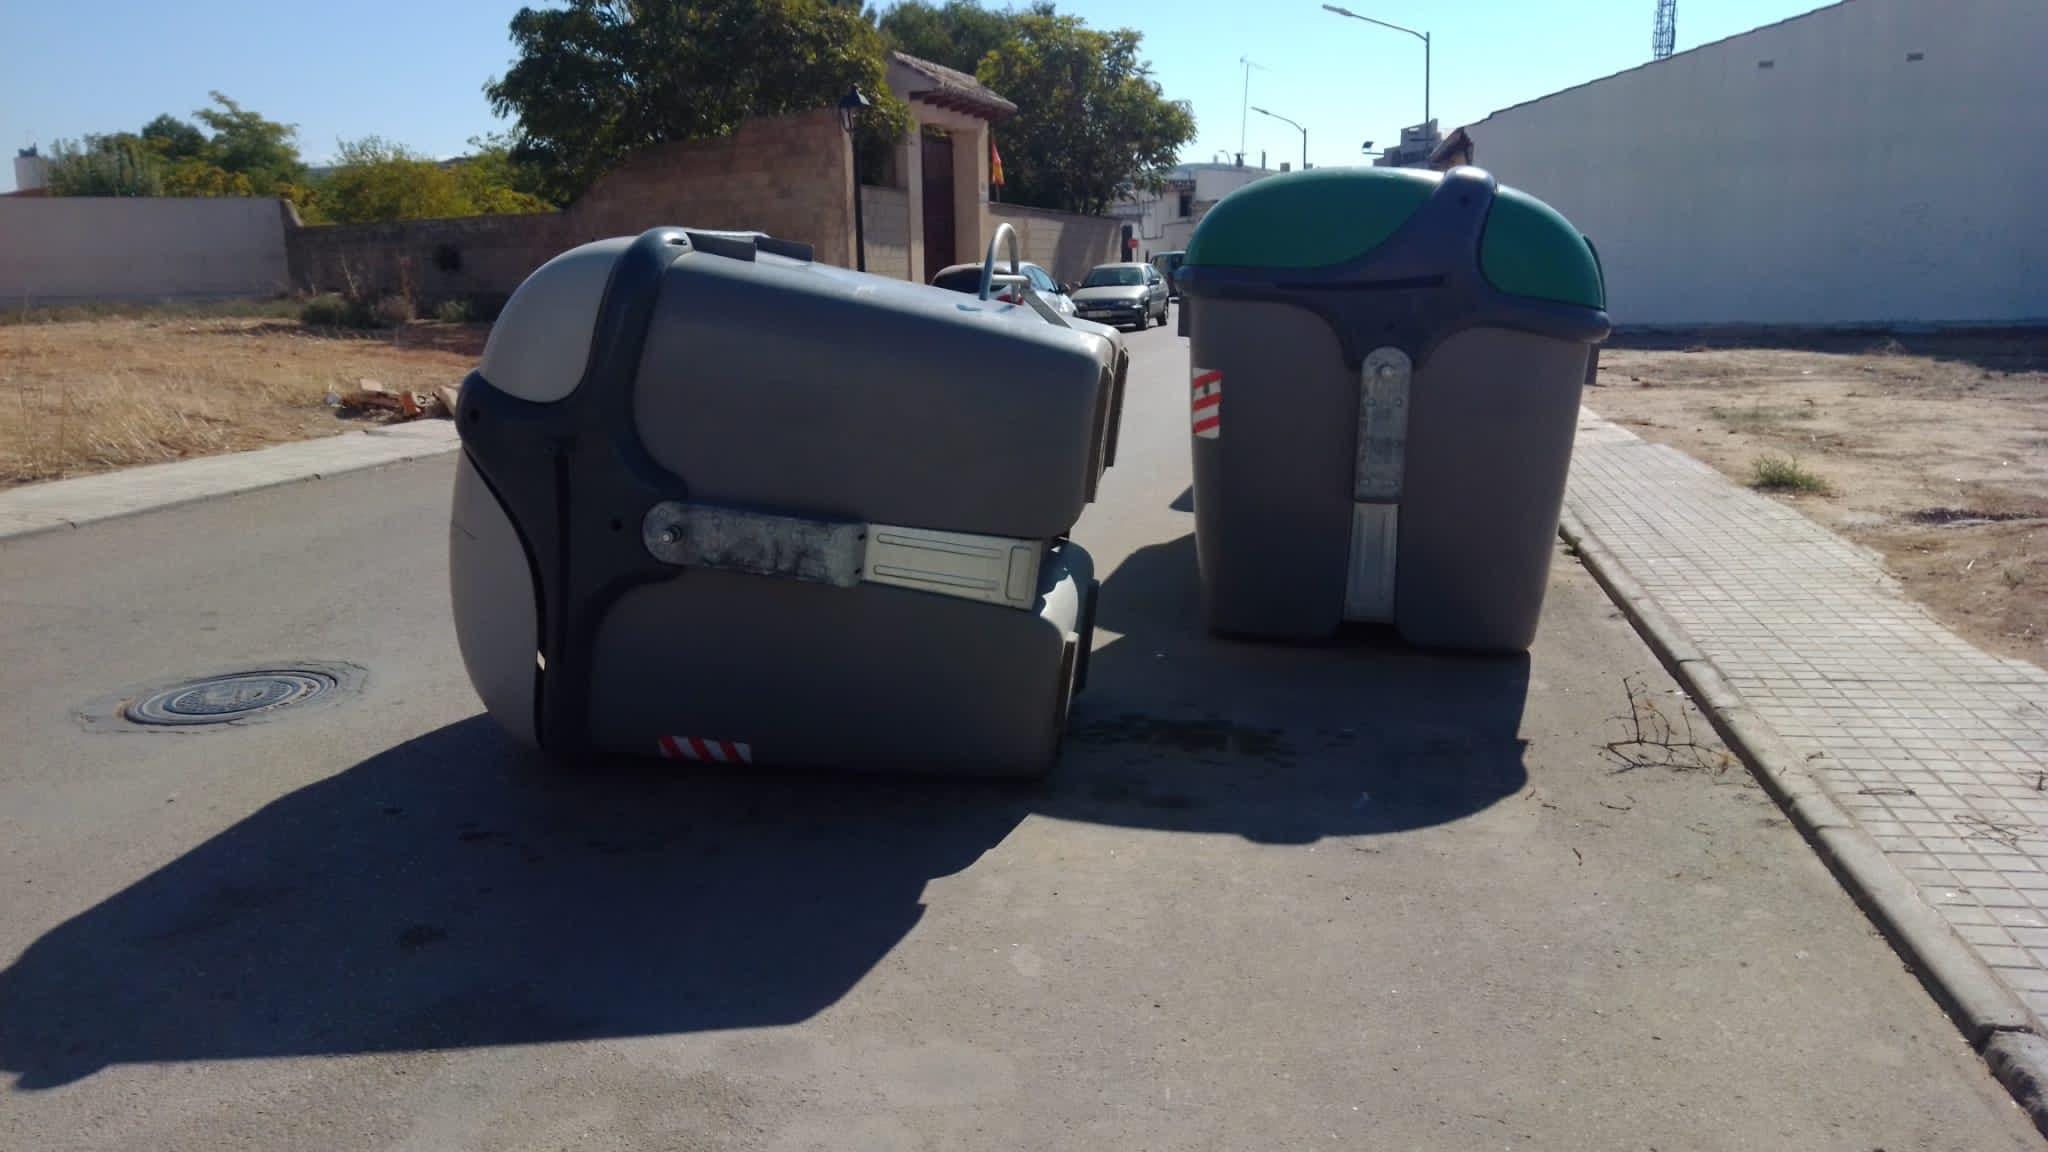 contenedor volcado herencia - Ejemplos de cómo no usar un contenedor de basura en Herencia